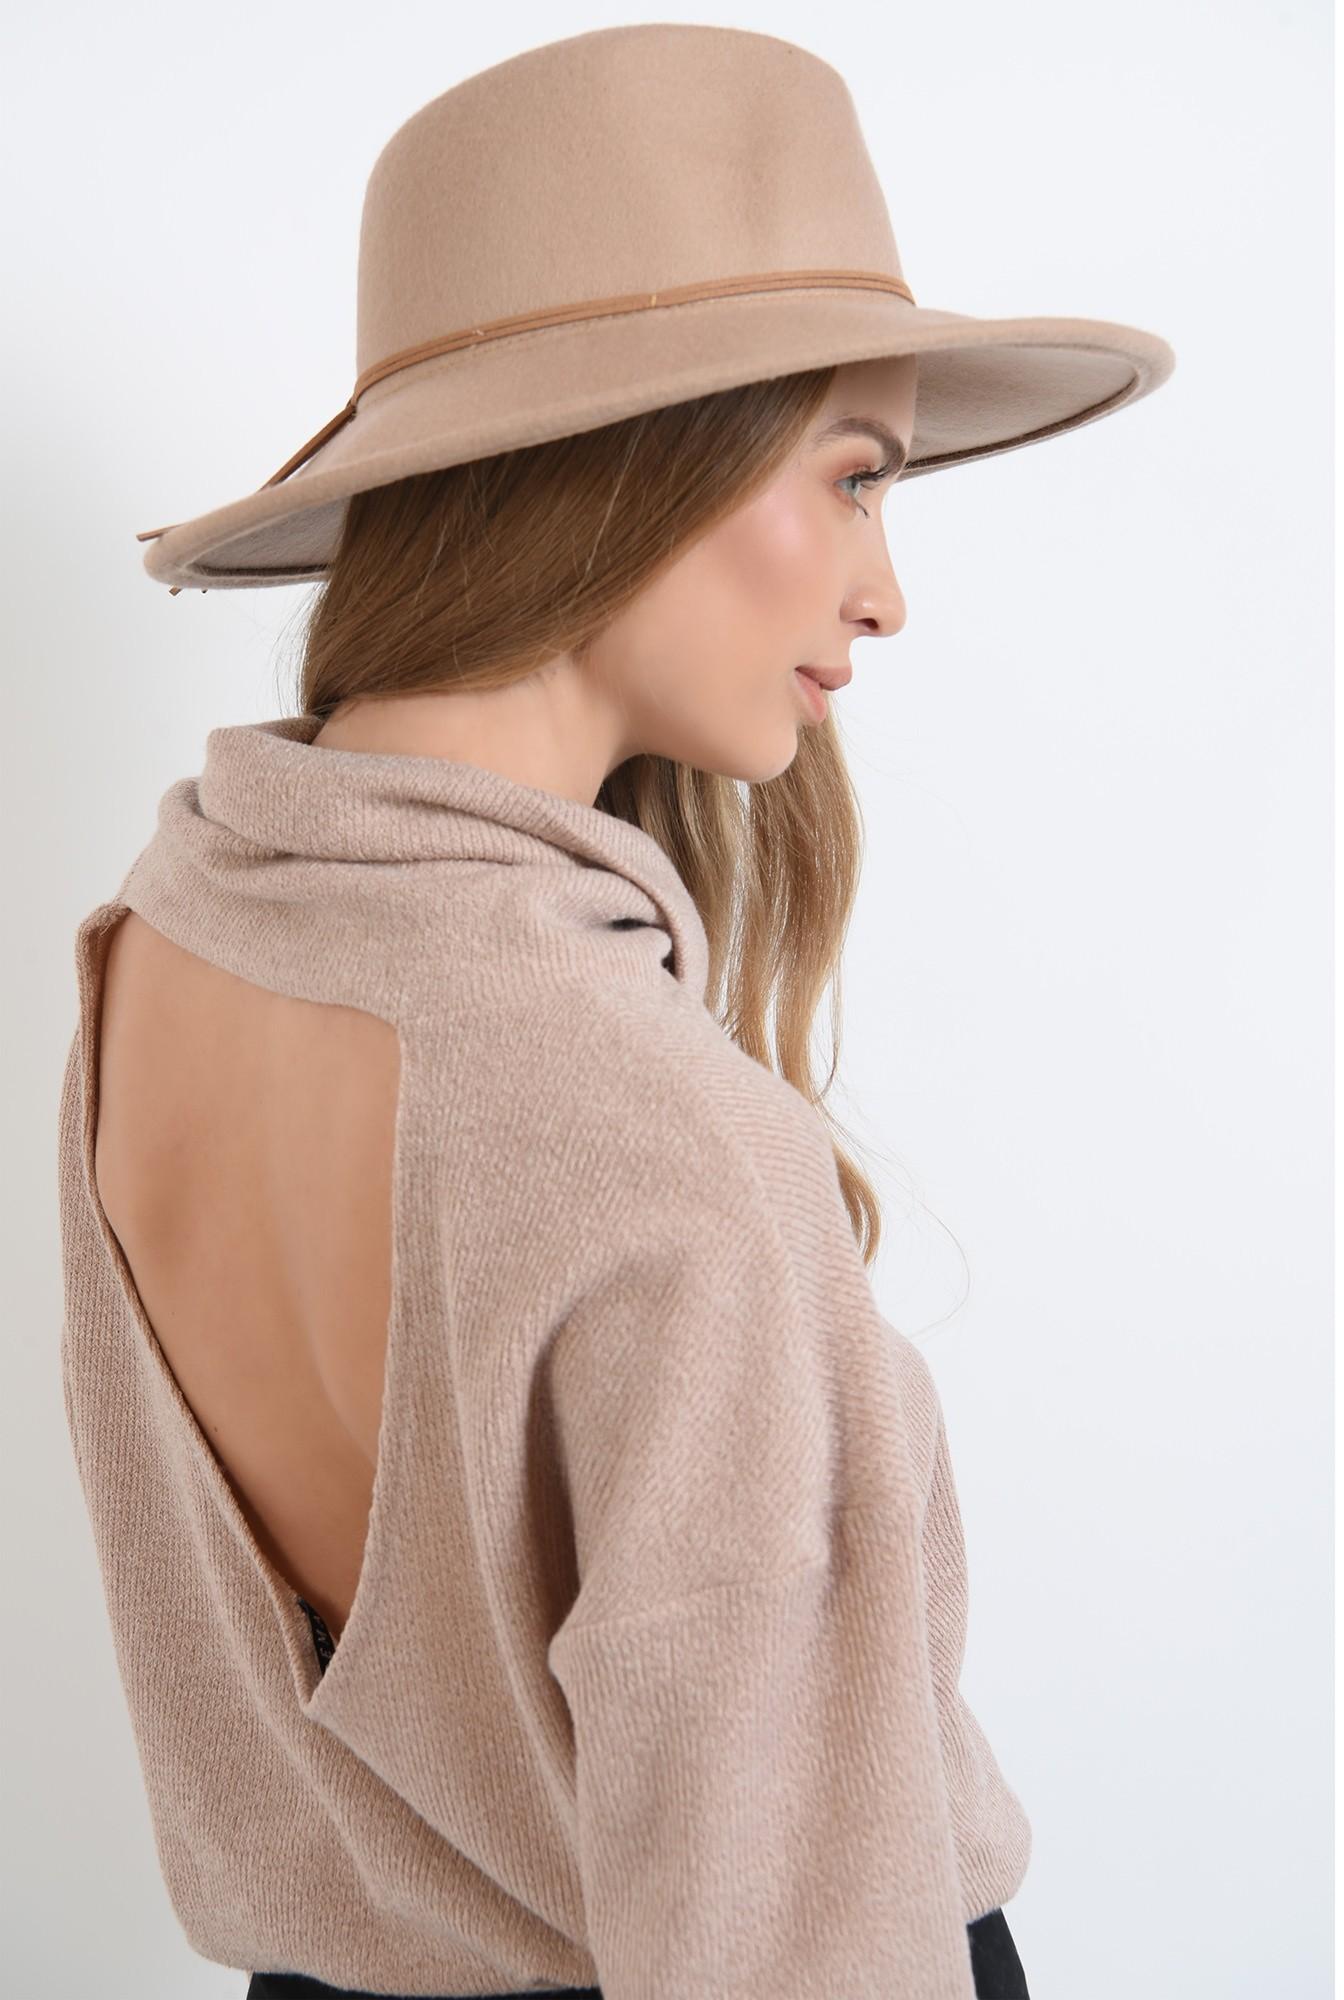 1 - pulover tricotat,bej, cu guler inalt